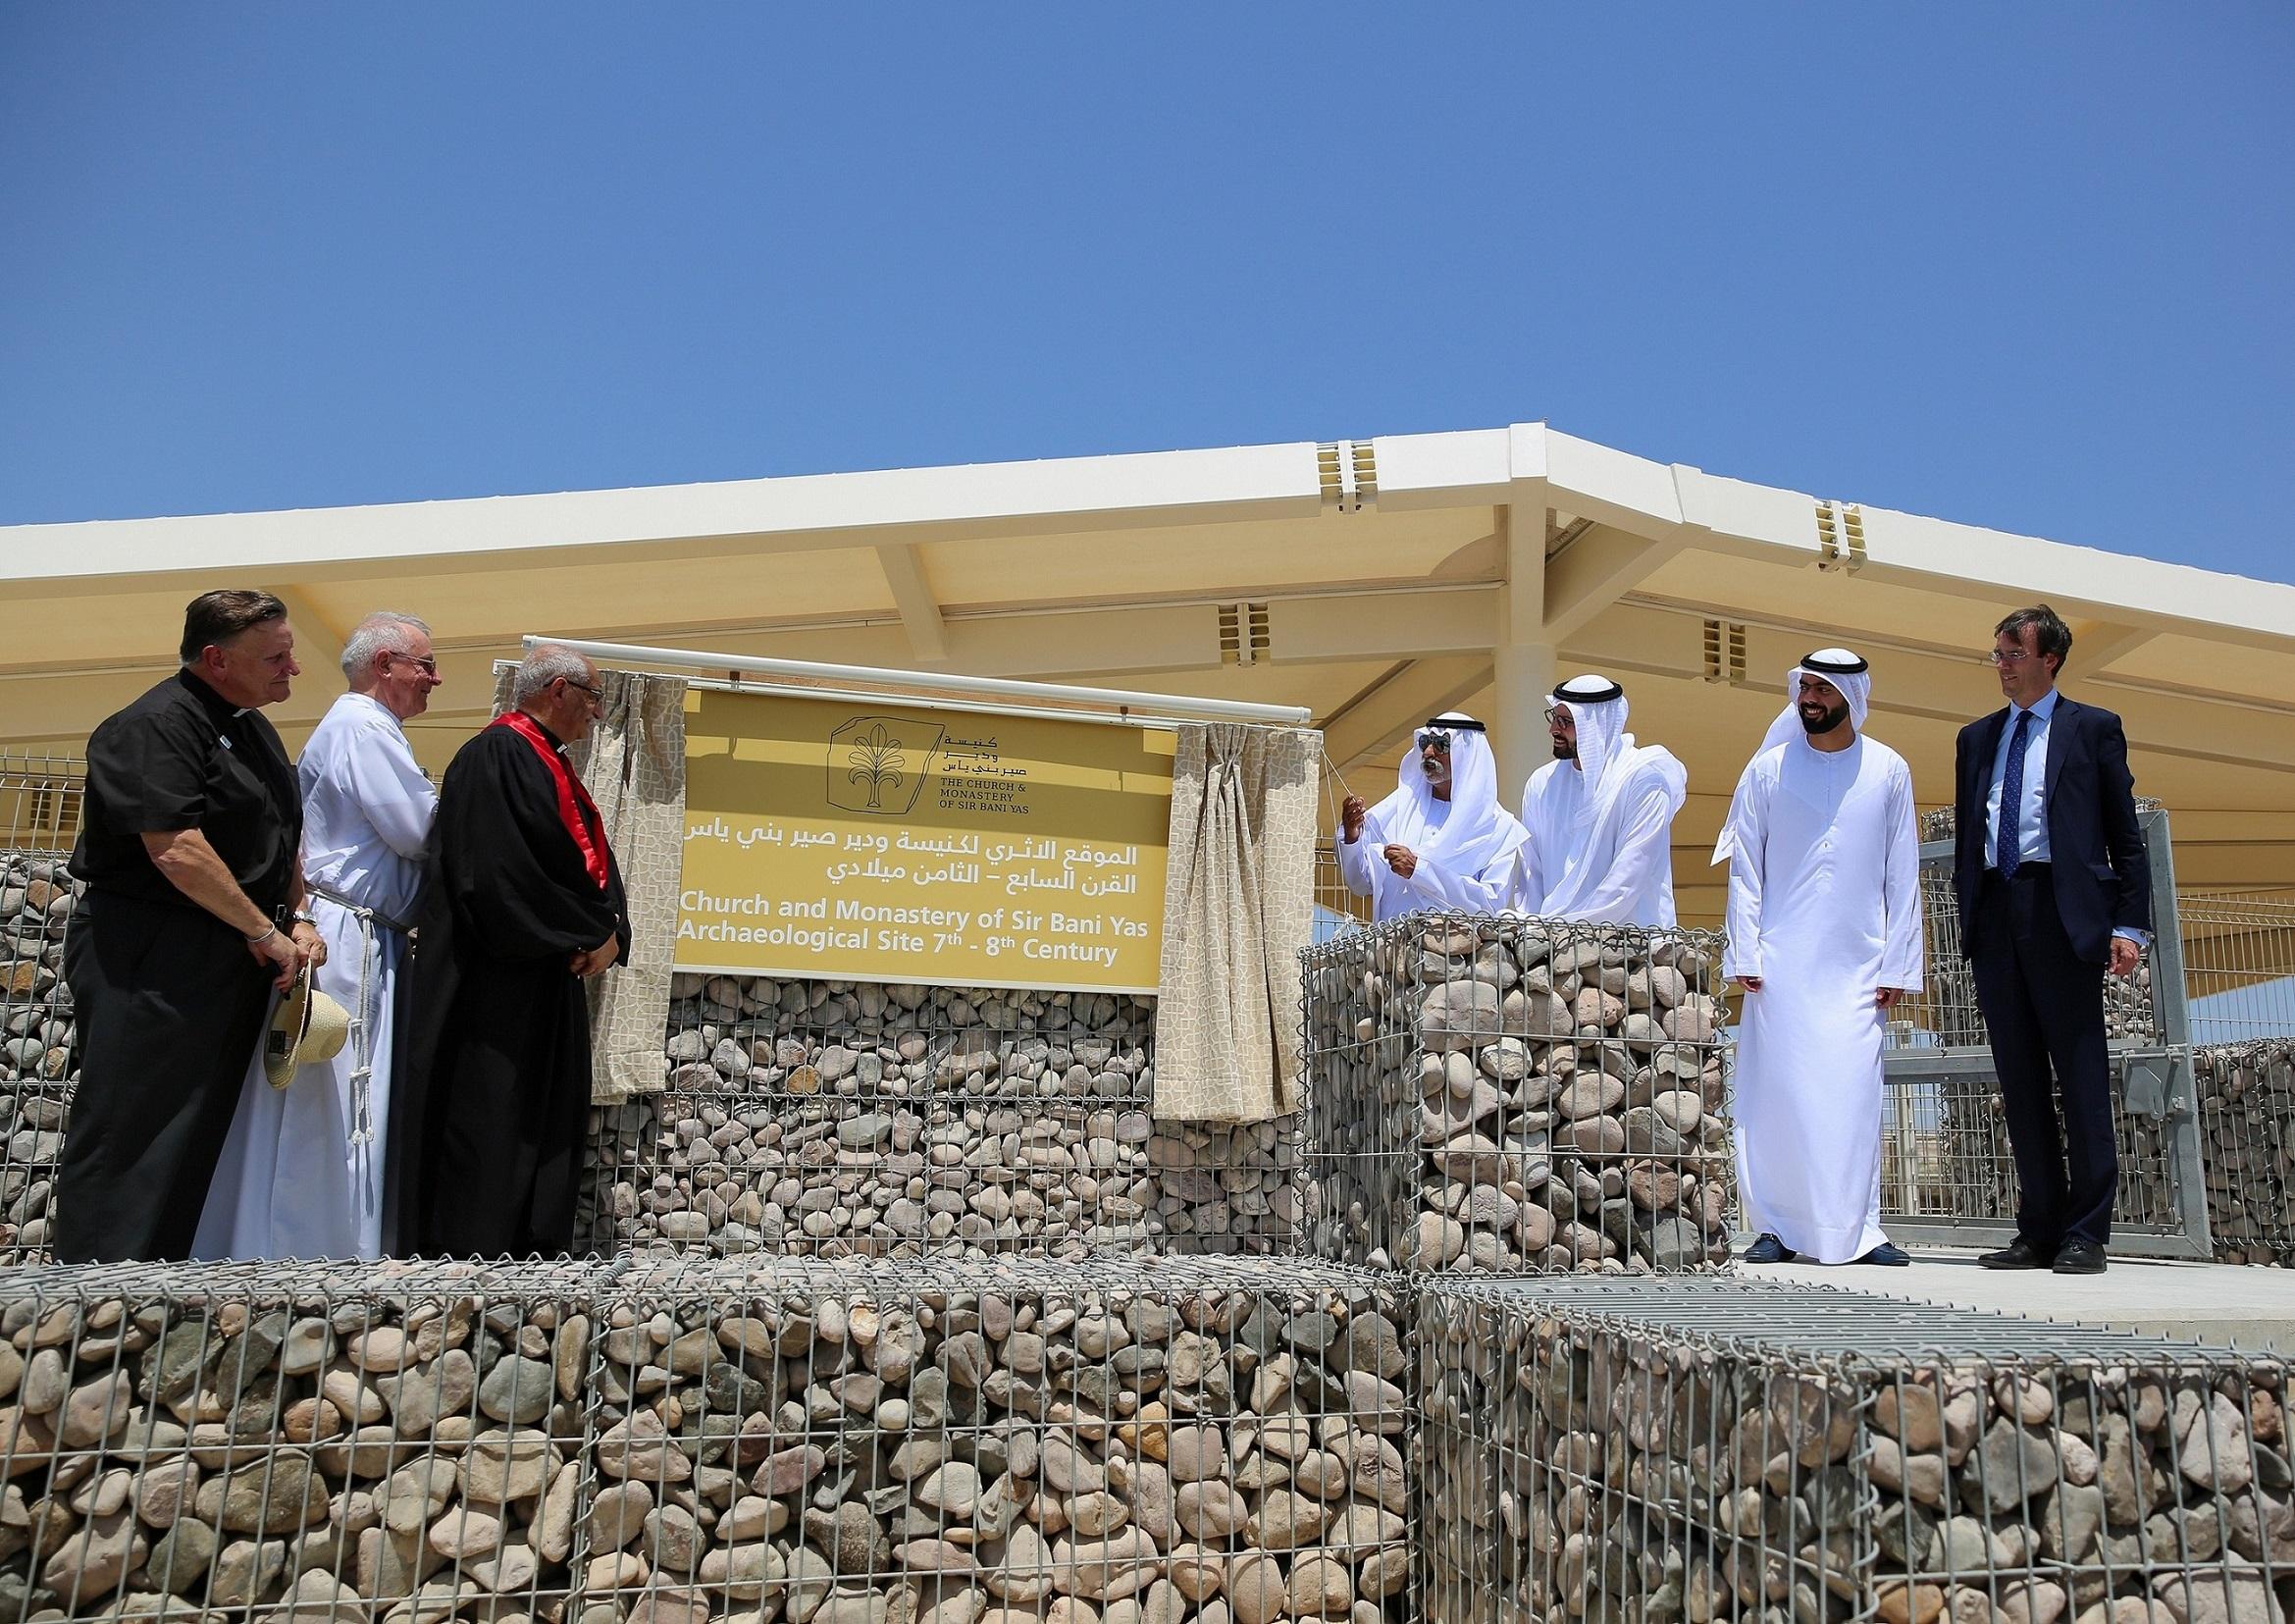 نهيان بن مبارك يدشن موقع كنيسة ودير صير بني ياس (2)